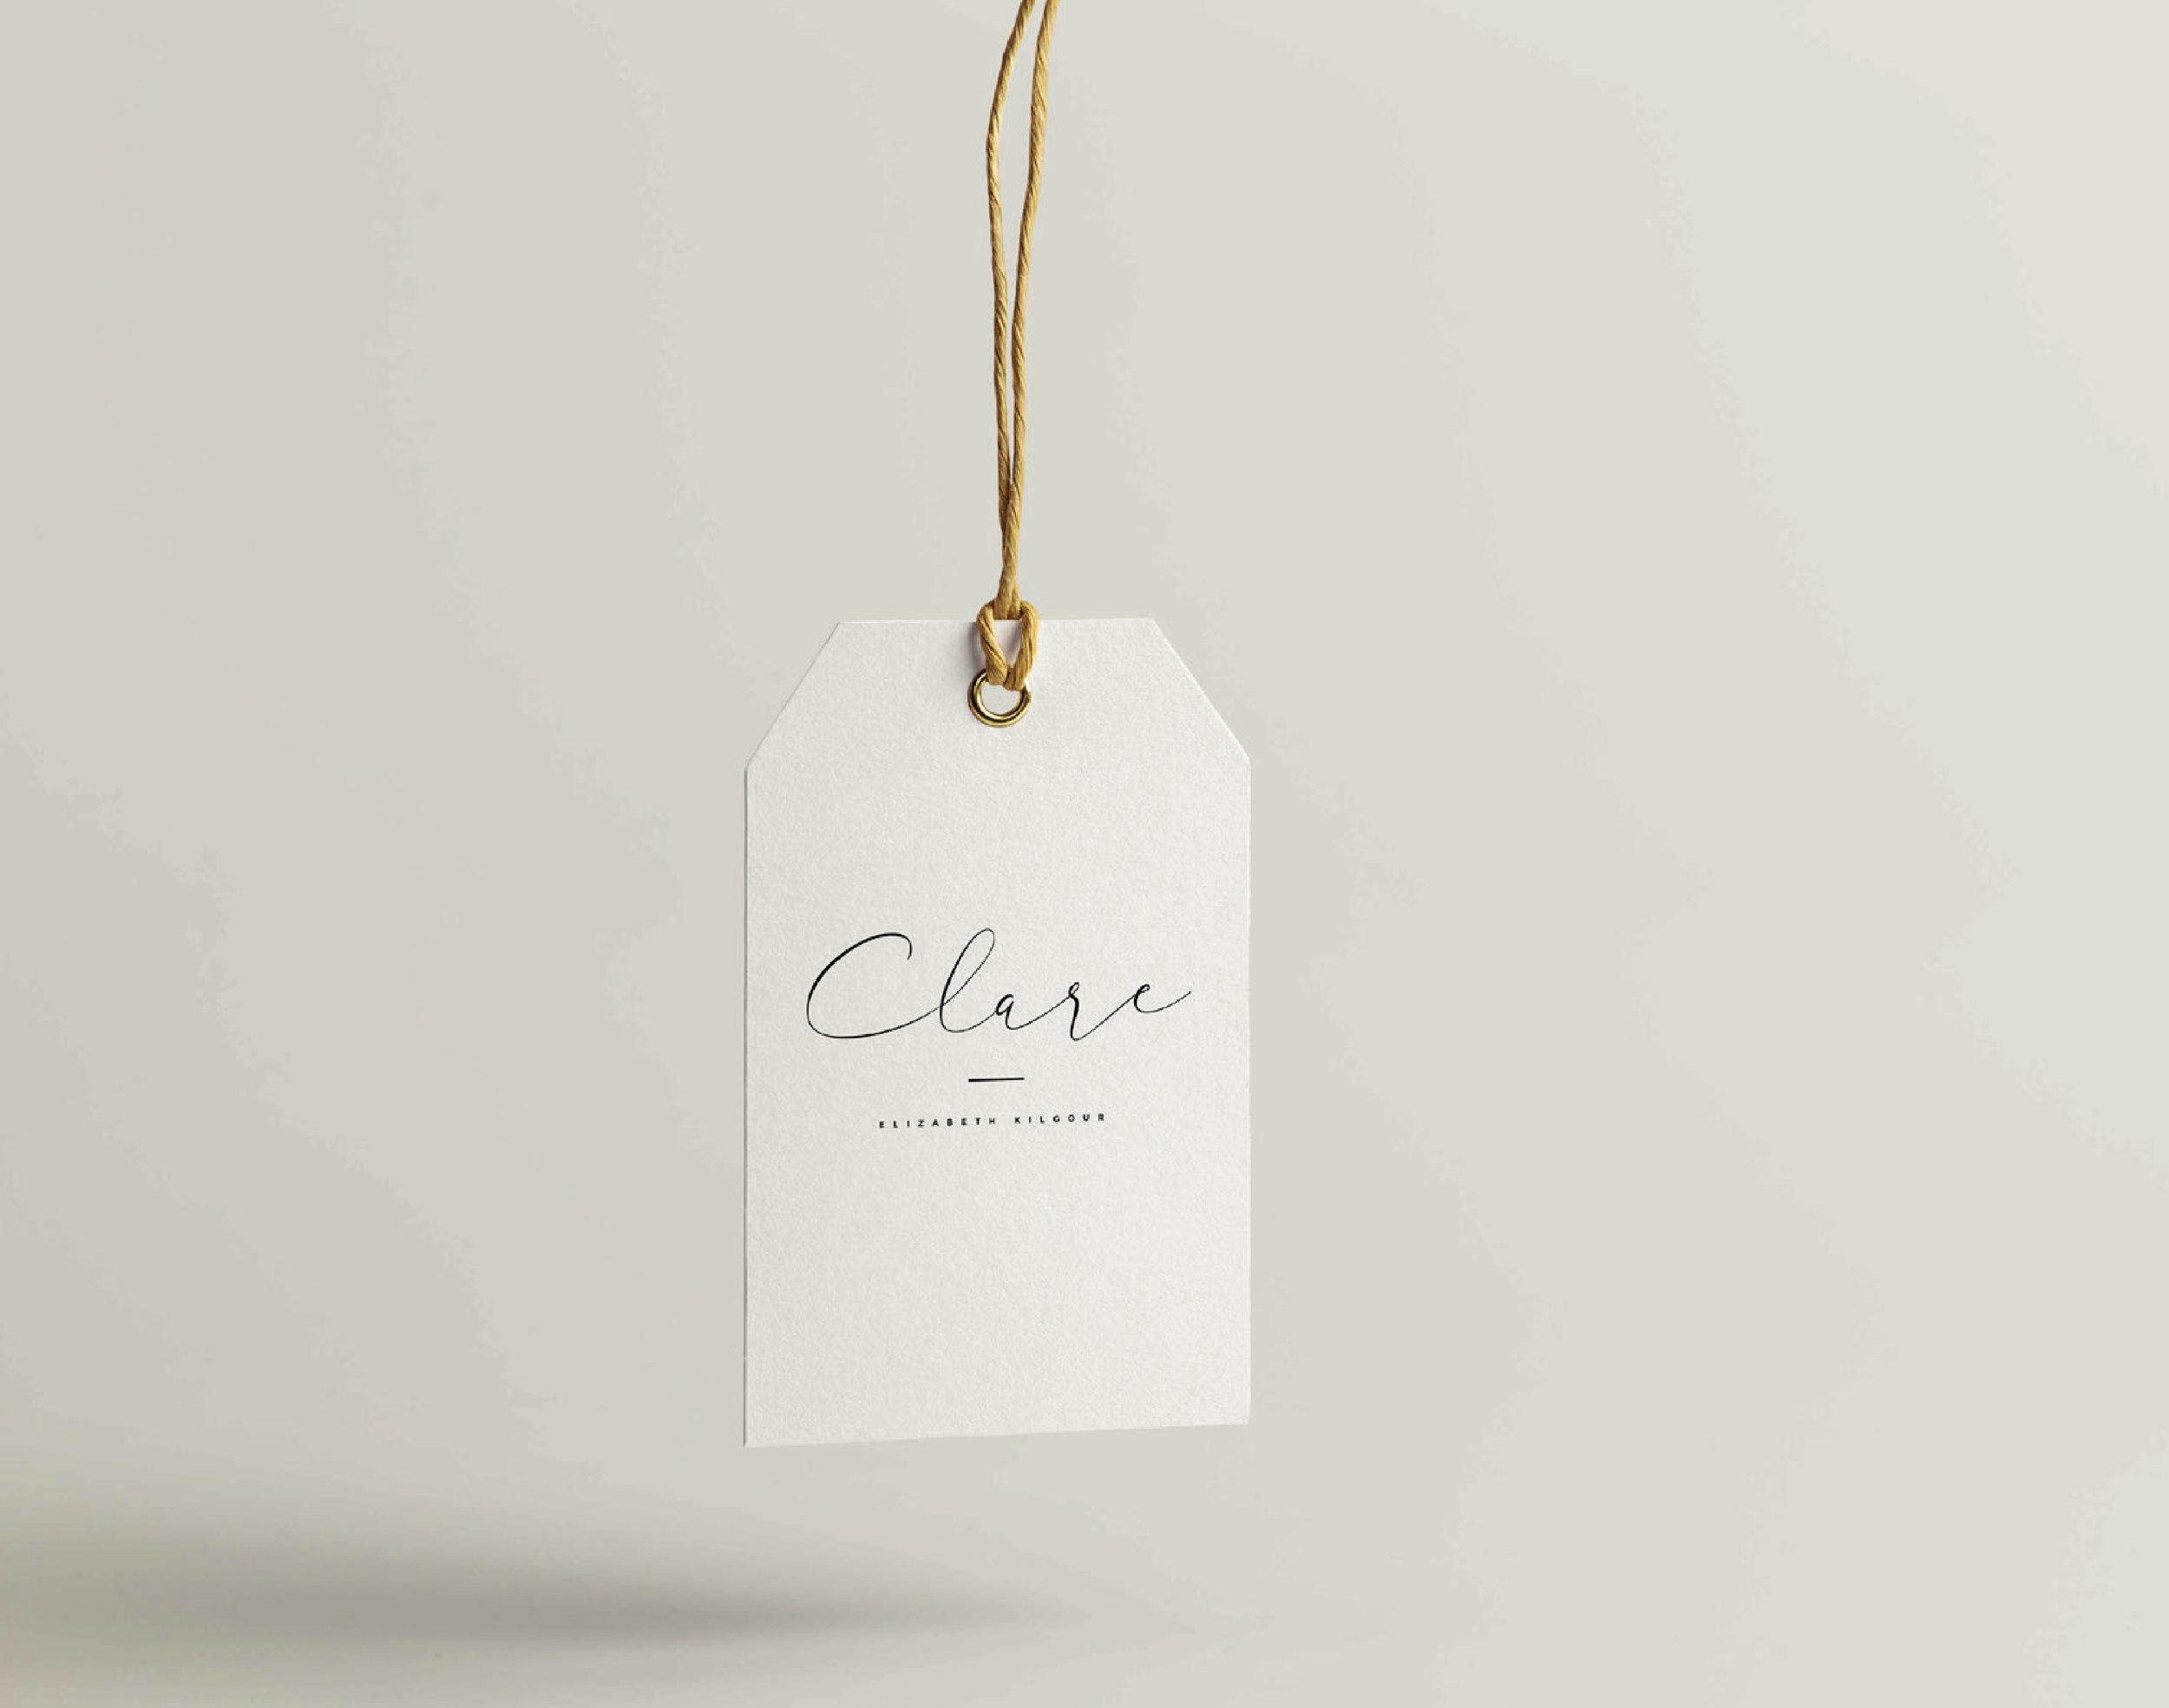 clare-kilgour-banner-01-03.jpg